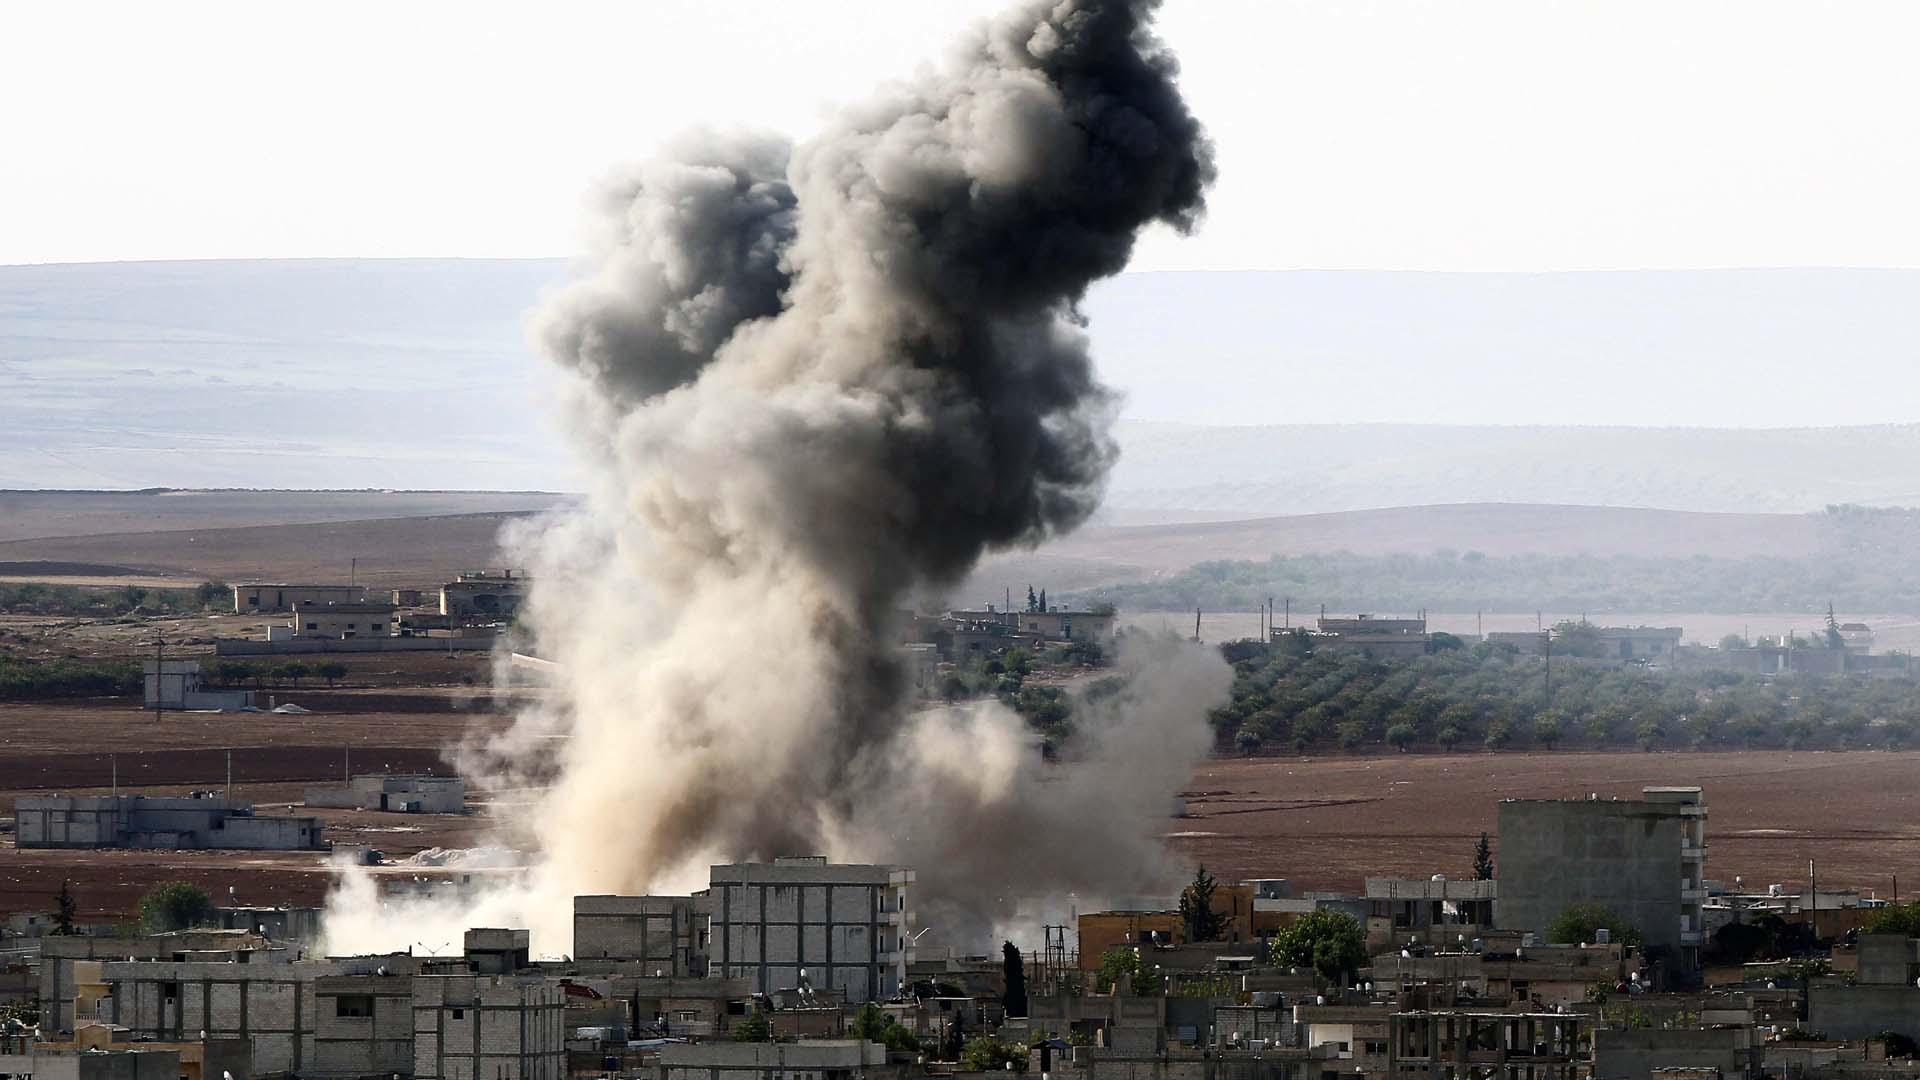 EE.UU. lidera la coalición internacional que está bombardeando Siria en pro de la extinción terrorista